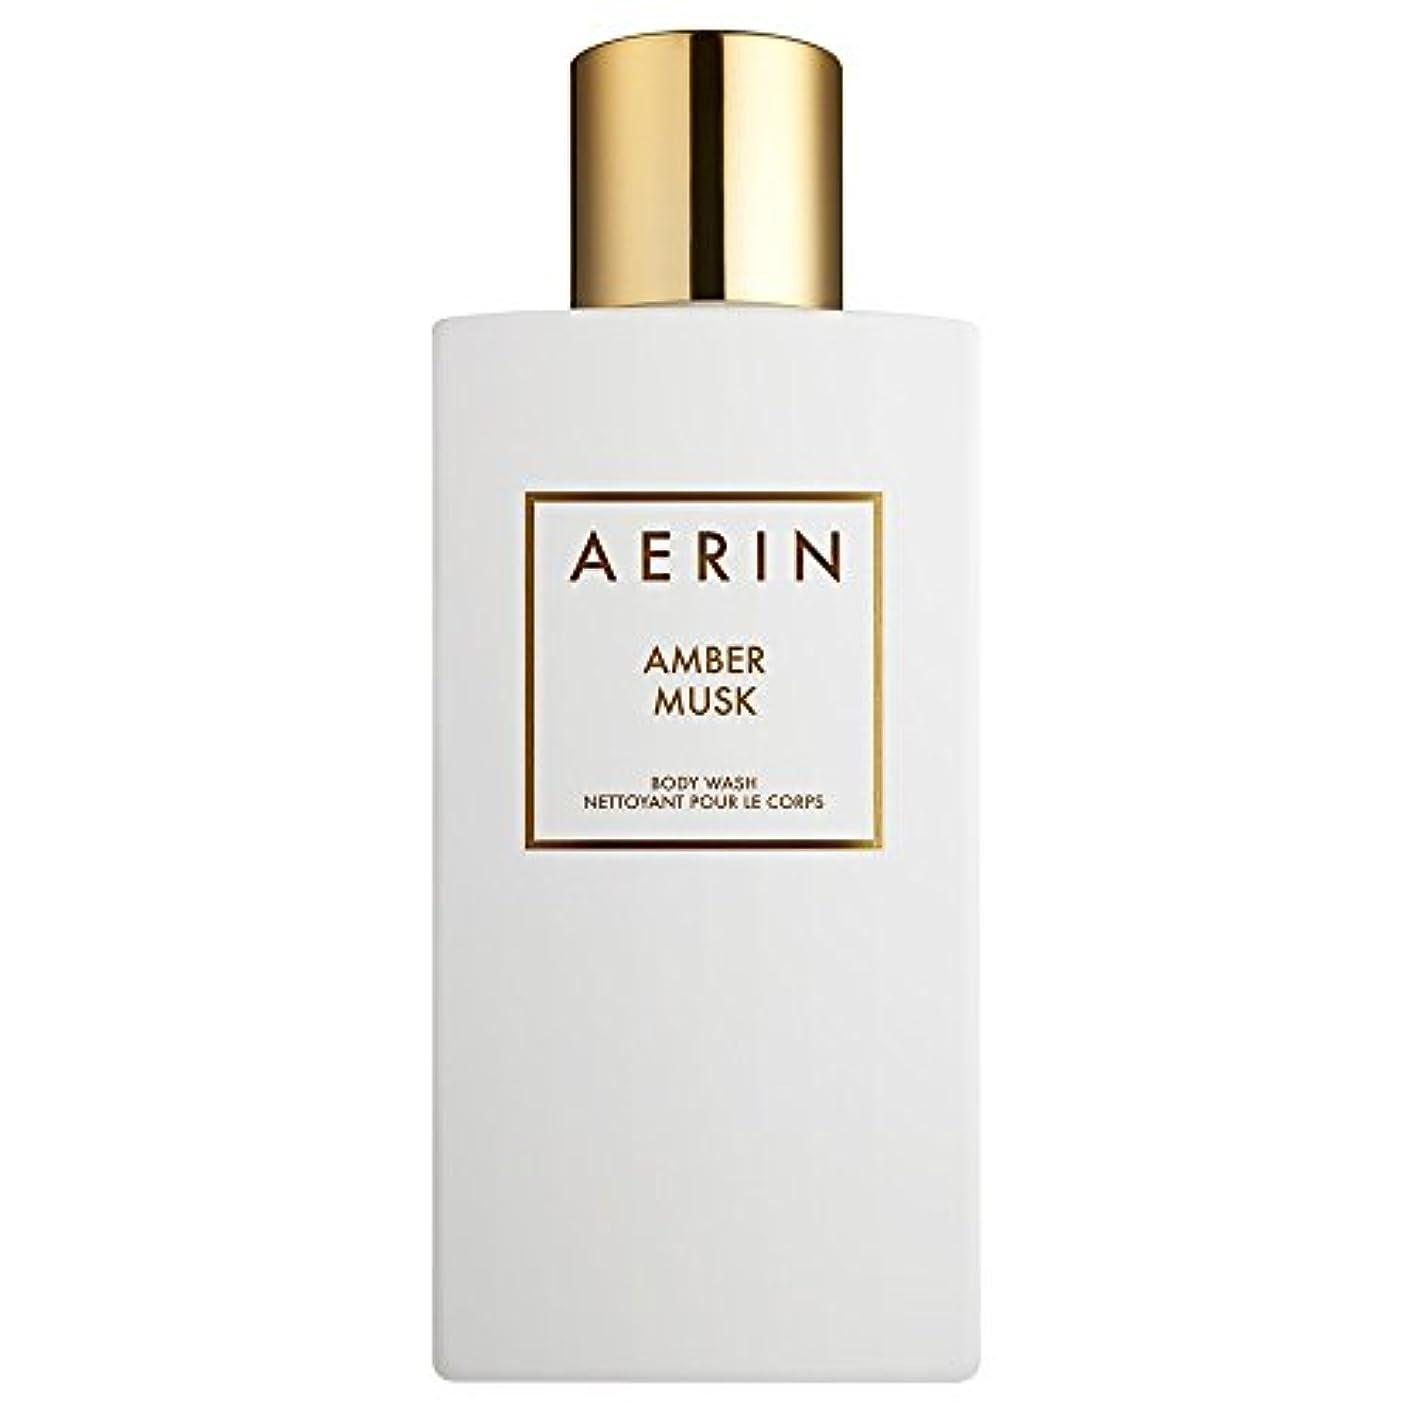 インレイおしゃれじゃない裸Aerinアンバームスクボディウォッシュ225ミリリットル (AERIN) - AERIN Amber Musk Bodywash 225ml [並行輸入品]